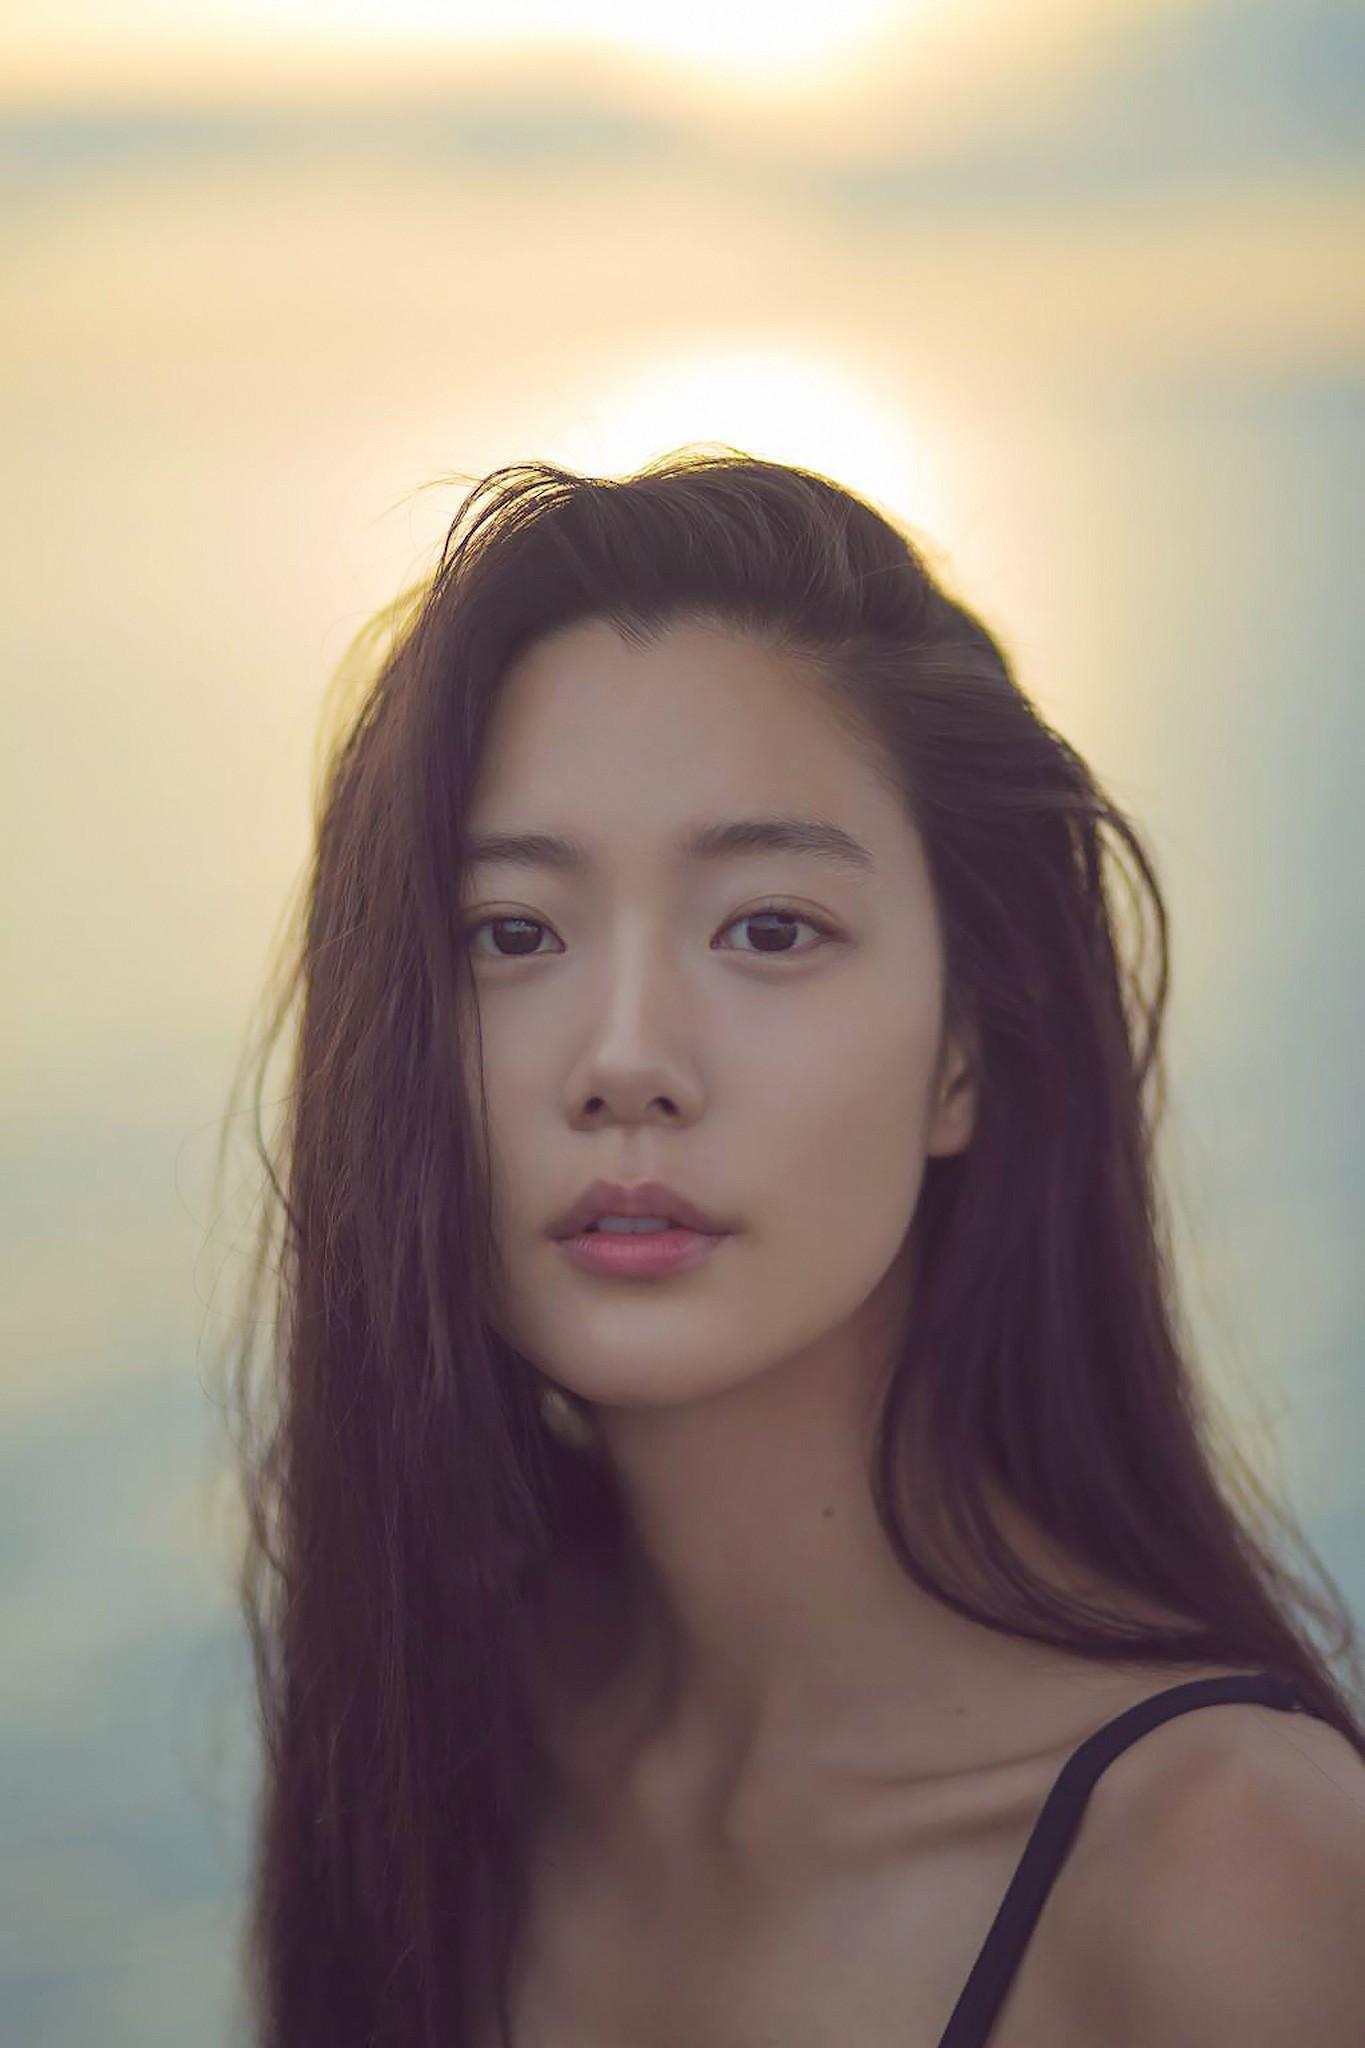 Mĩ nhân Clara Lee: Bom sex thế hệ mới xứ Hàn và cái kết trong mơ cùng chồng tỉ phú - Ảnh 1.